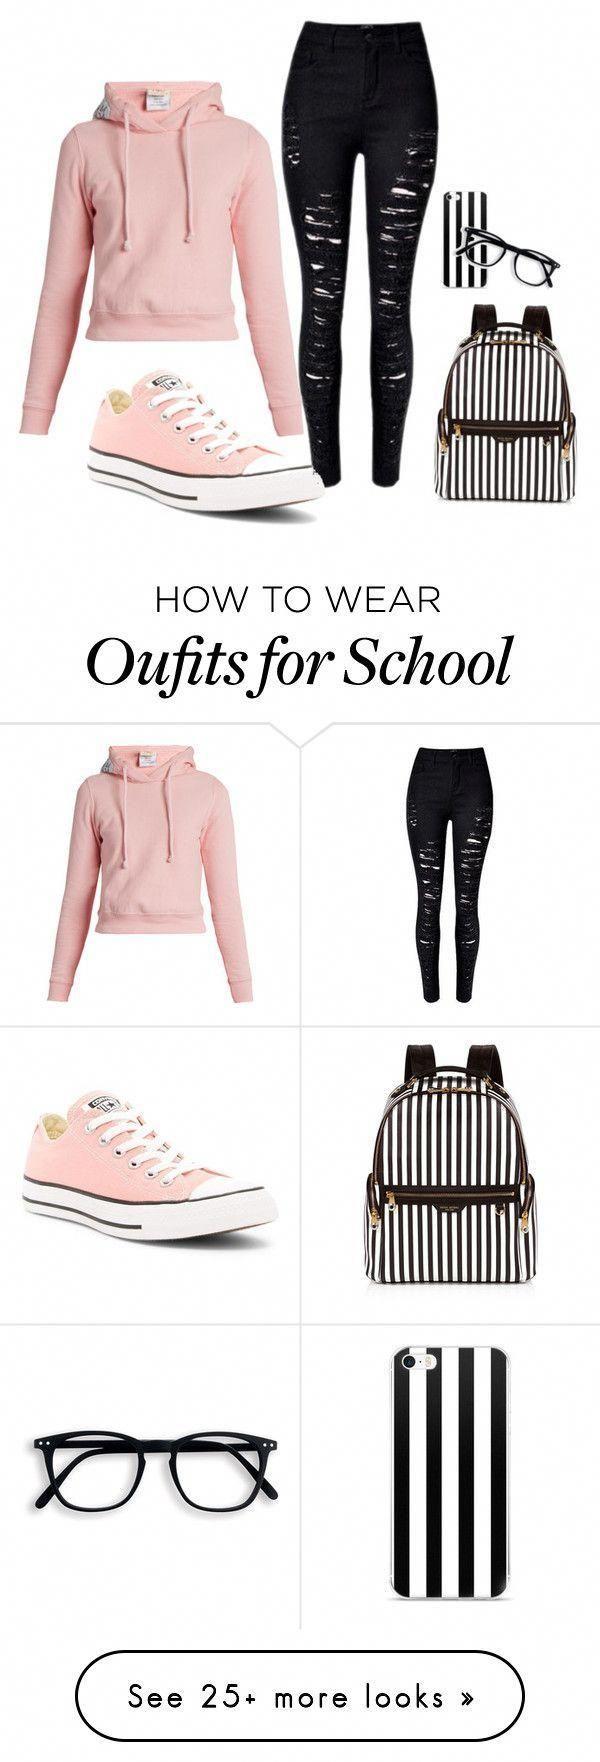 Neueste Teen Fashion für die Schule #teenfashionforschool